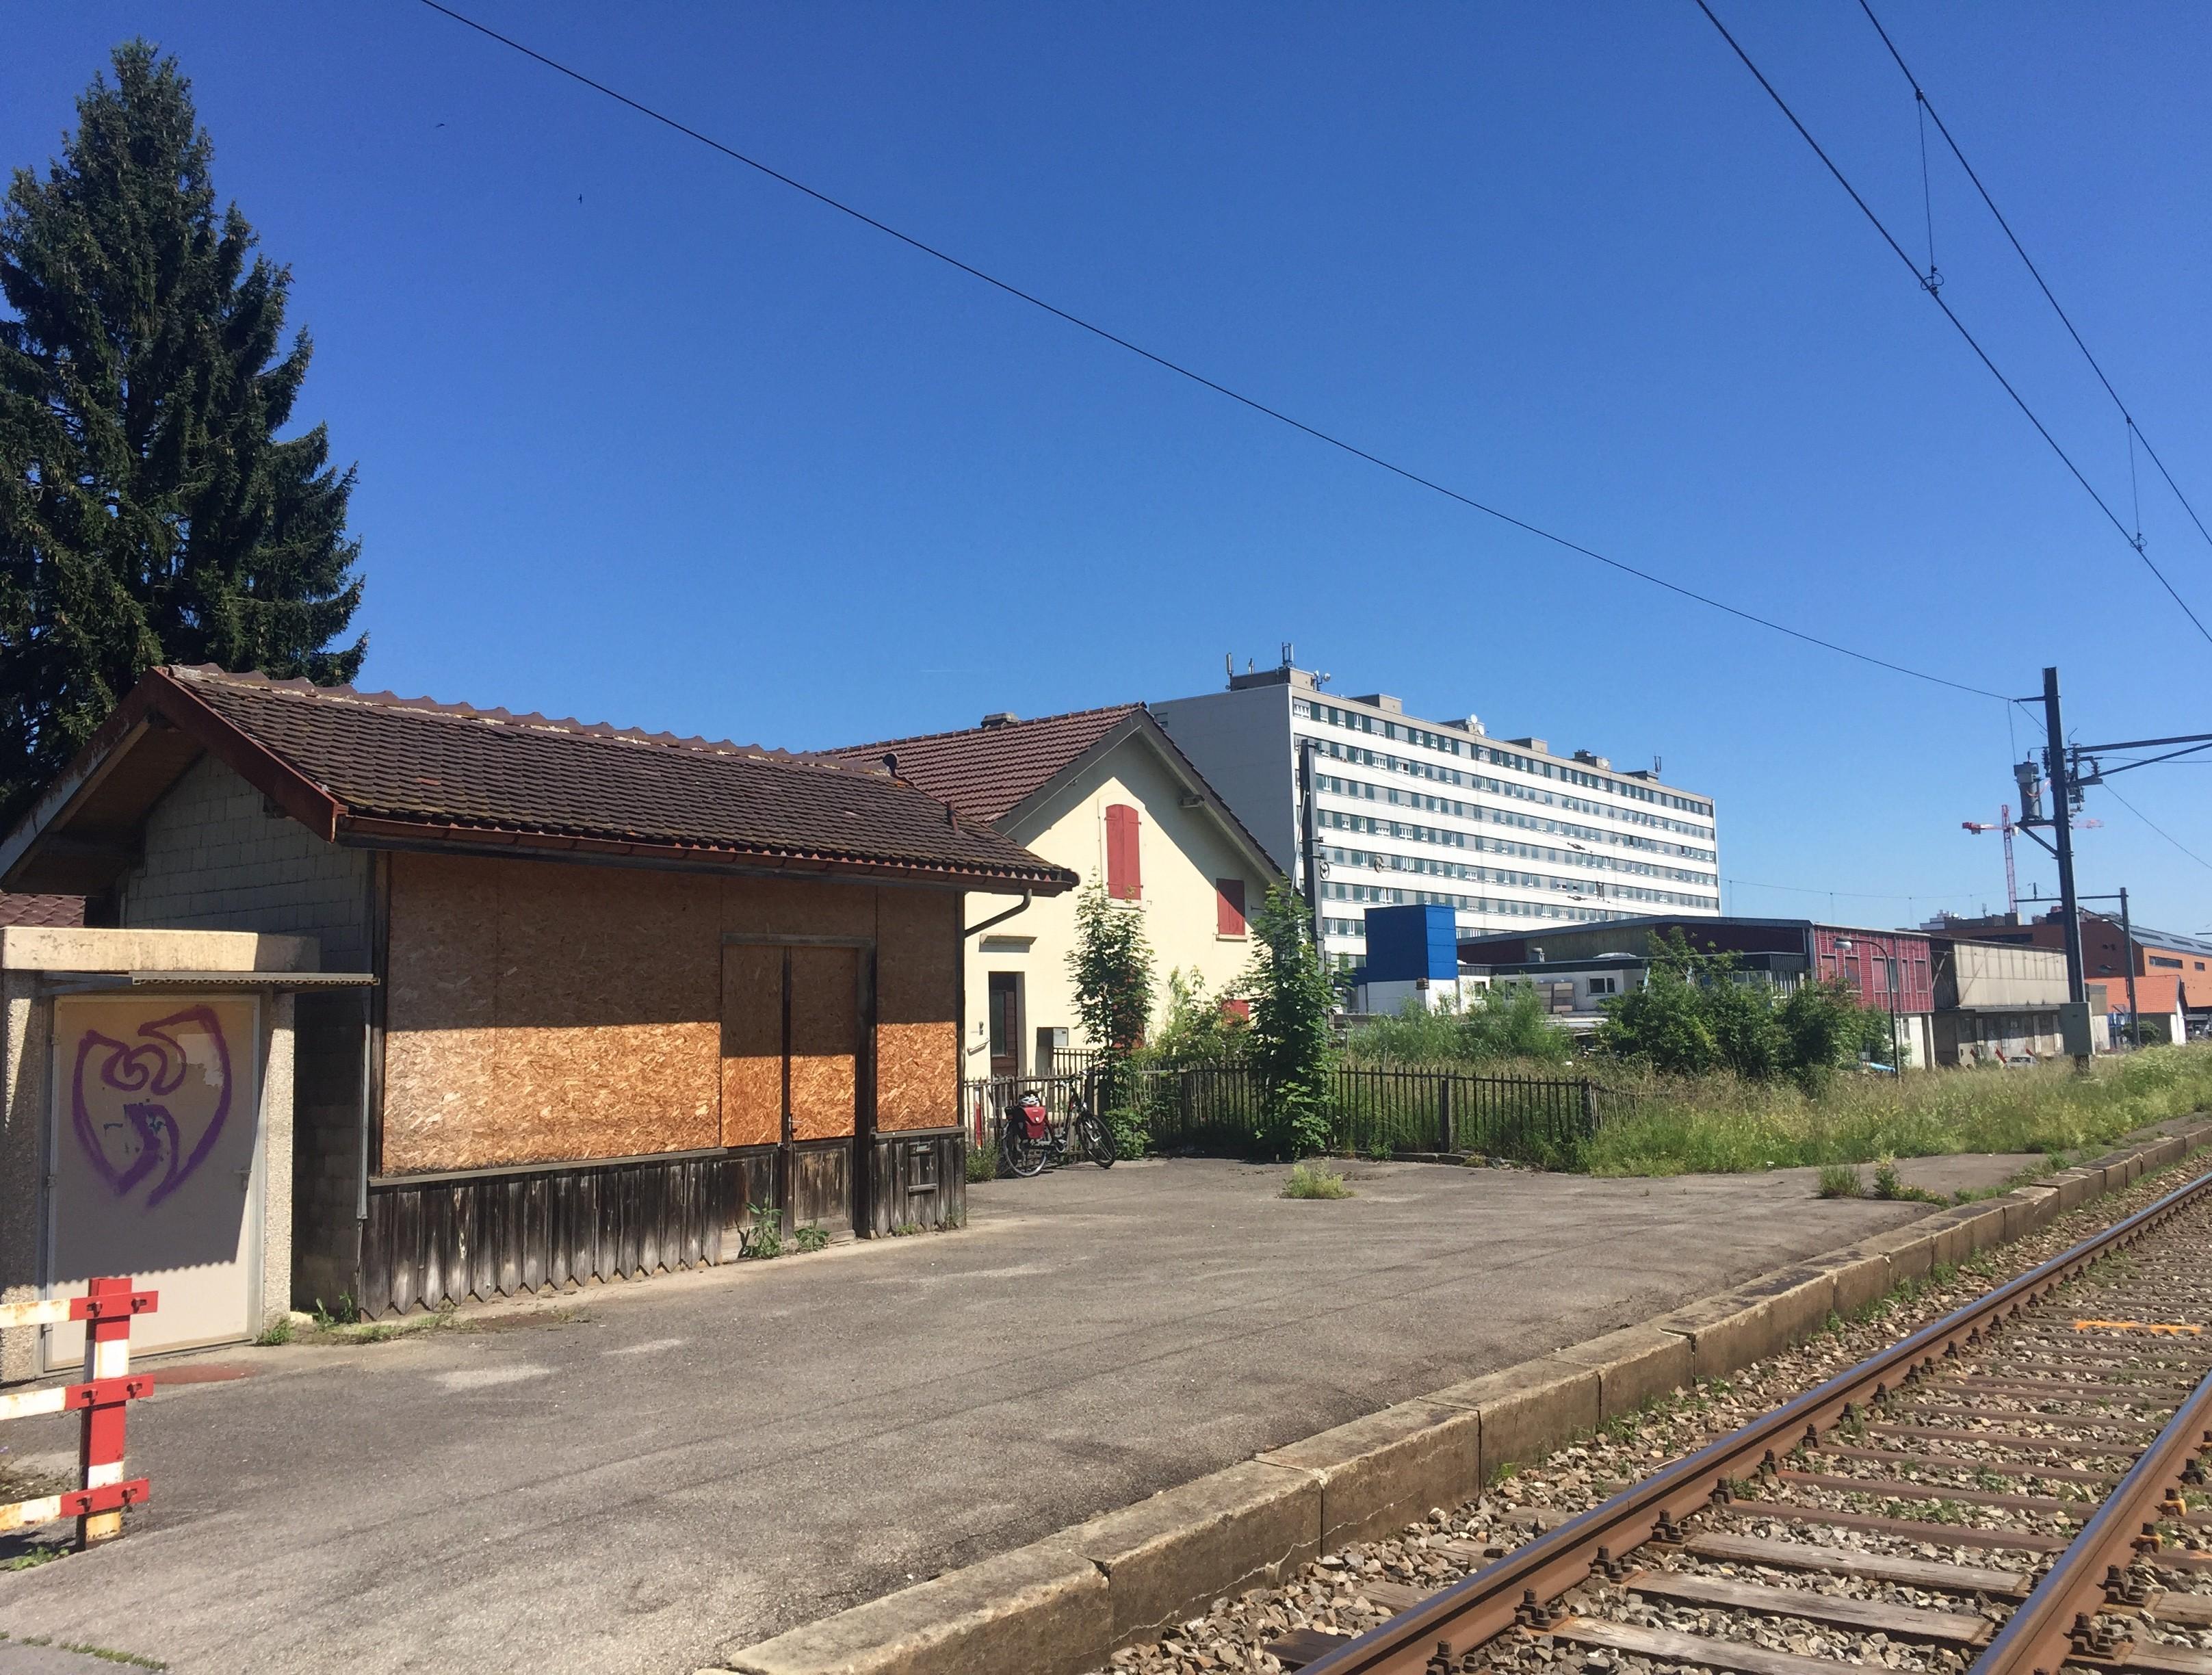 Rail NE 1